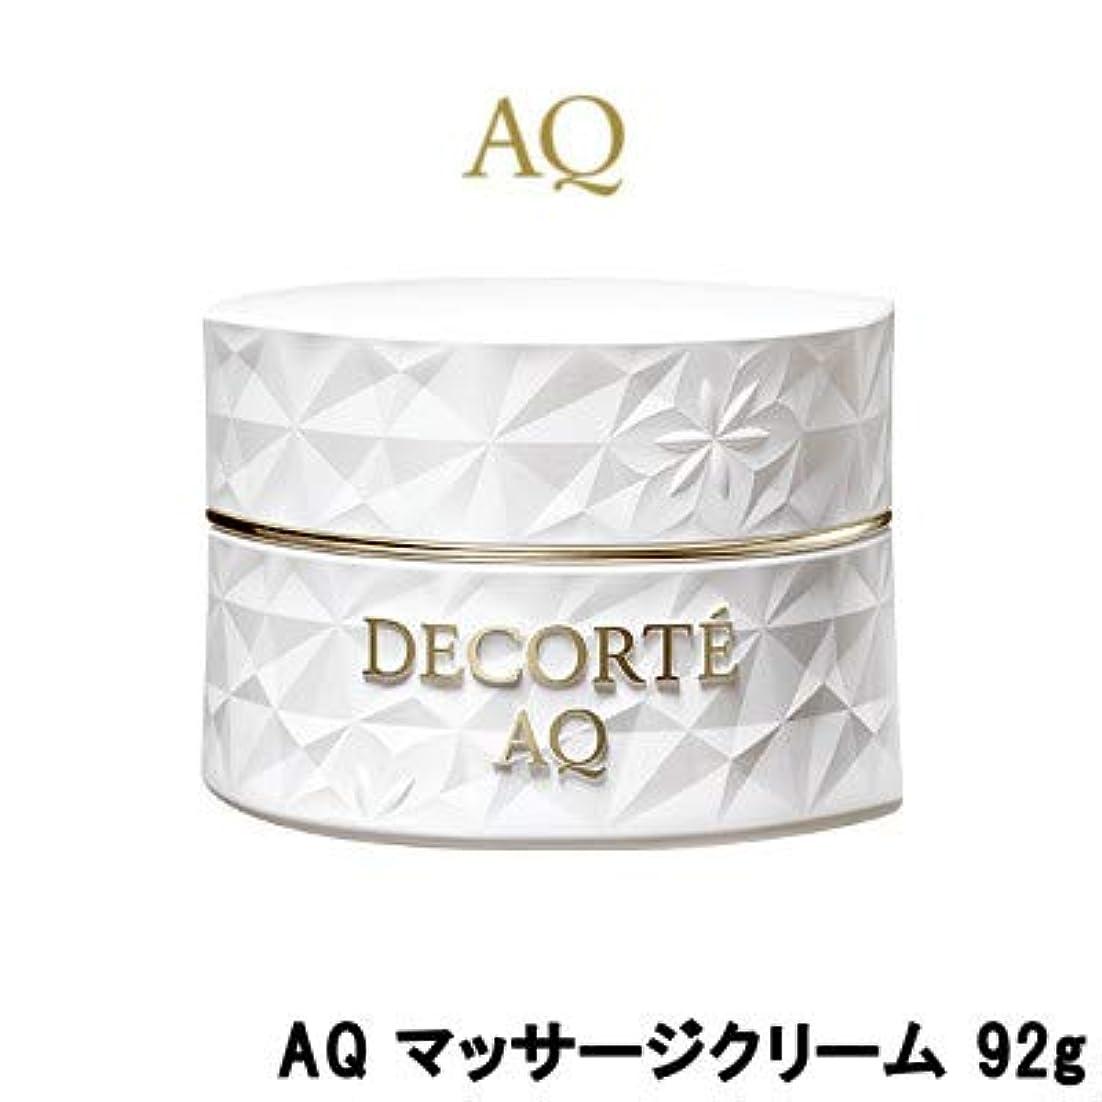 ジェット教育学帳面コスメデコルテ AQ マッサージクリーム(92g)